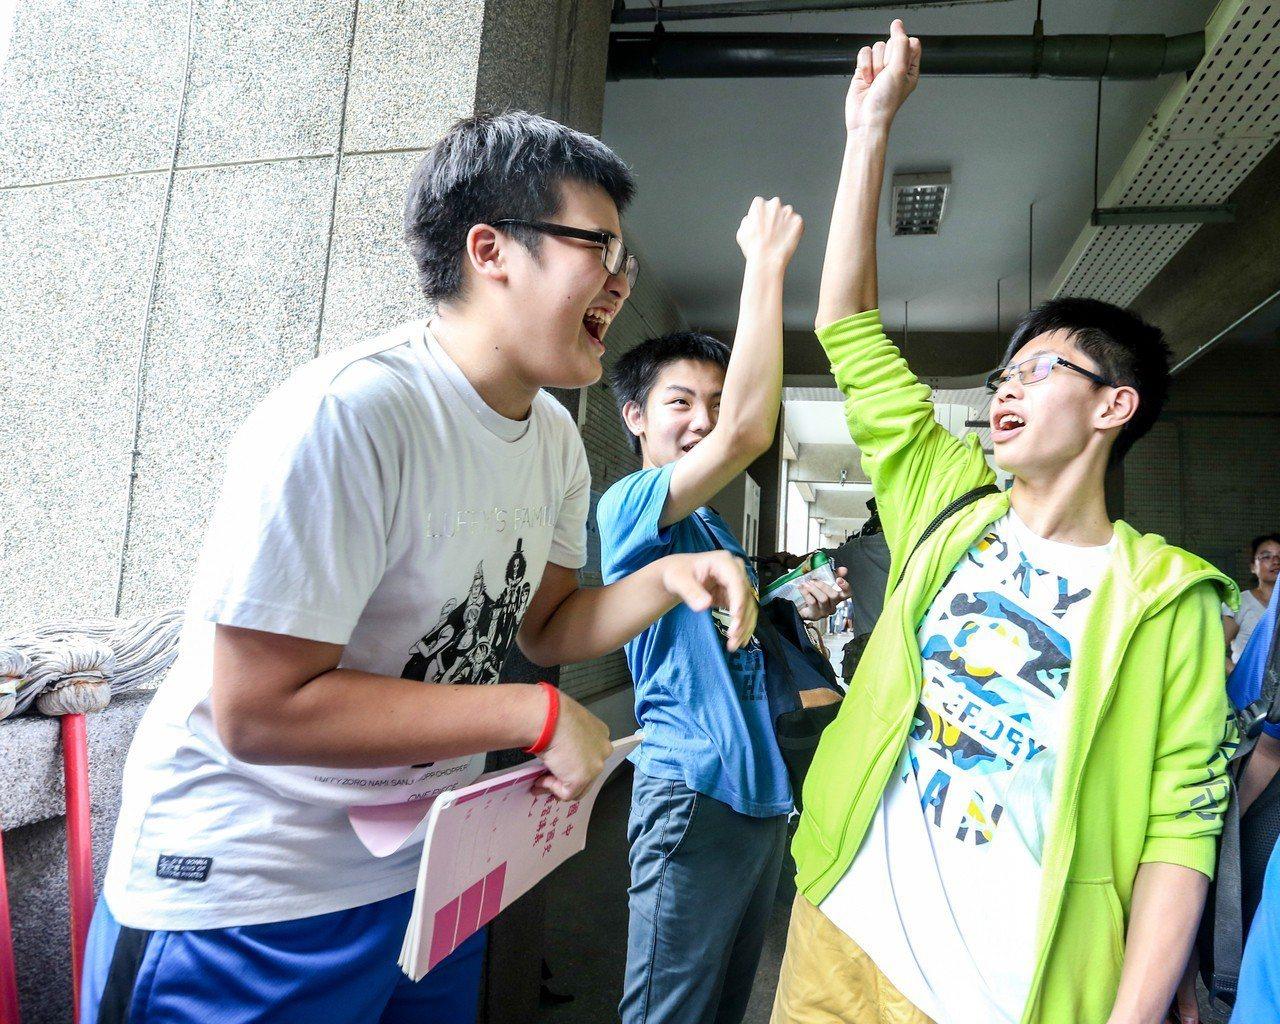 國中教育會考考生進考場前大喊加油,給彼此打氣。聯合報系資料照/記者程宜華攝影